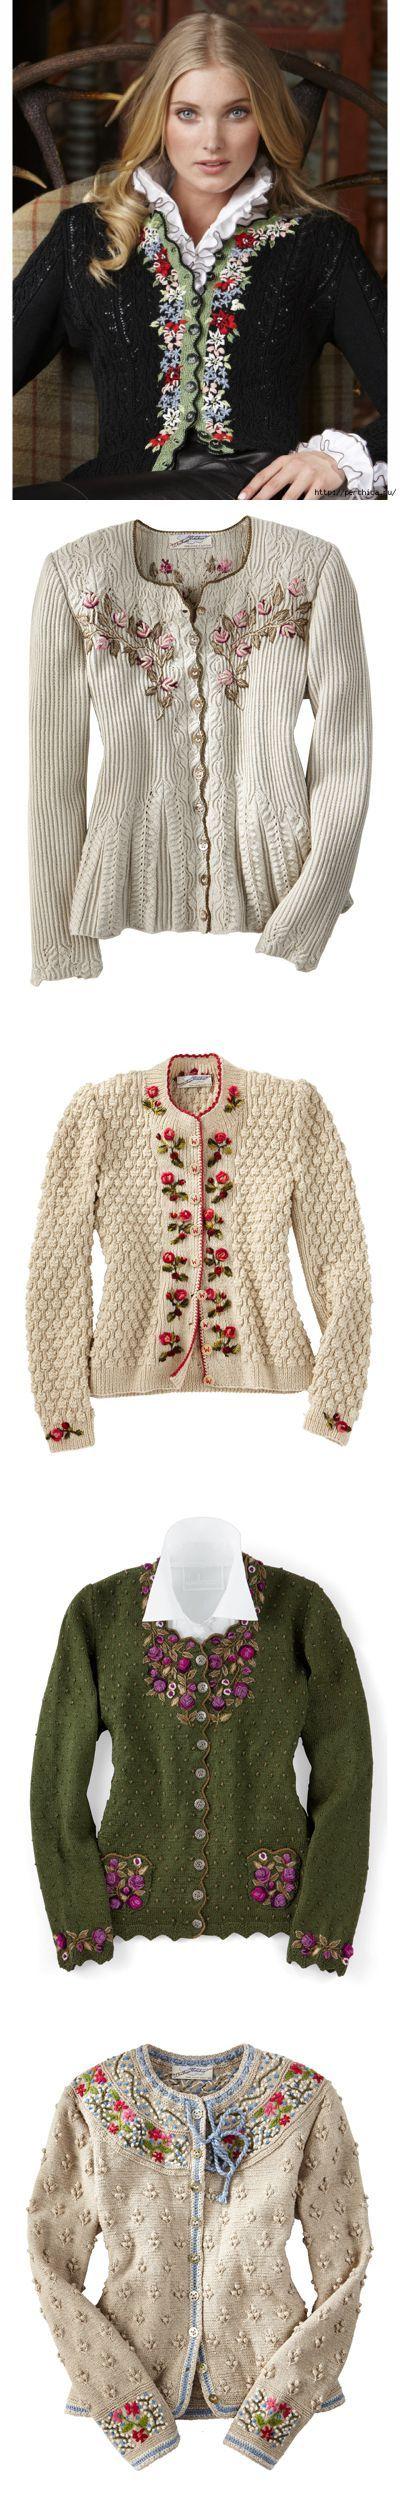 Вышивка на вязаном полотне - идеи,советы и схемы вышивки